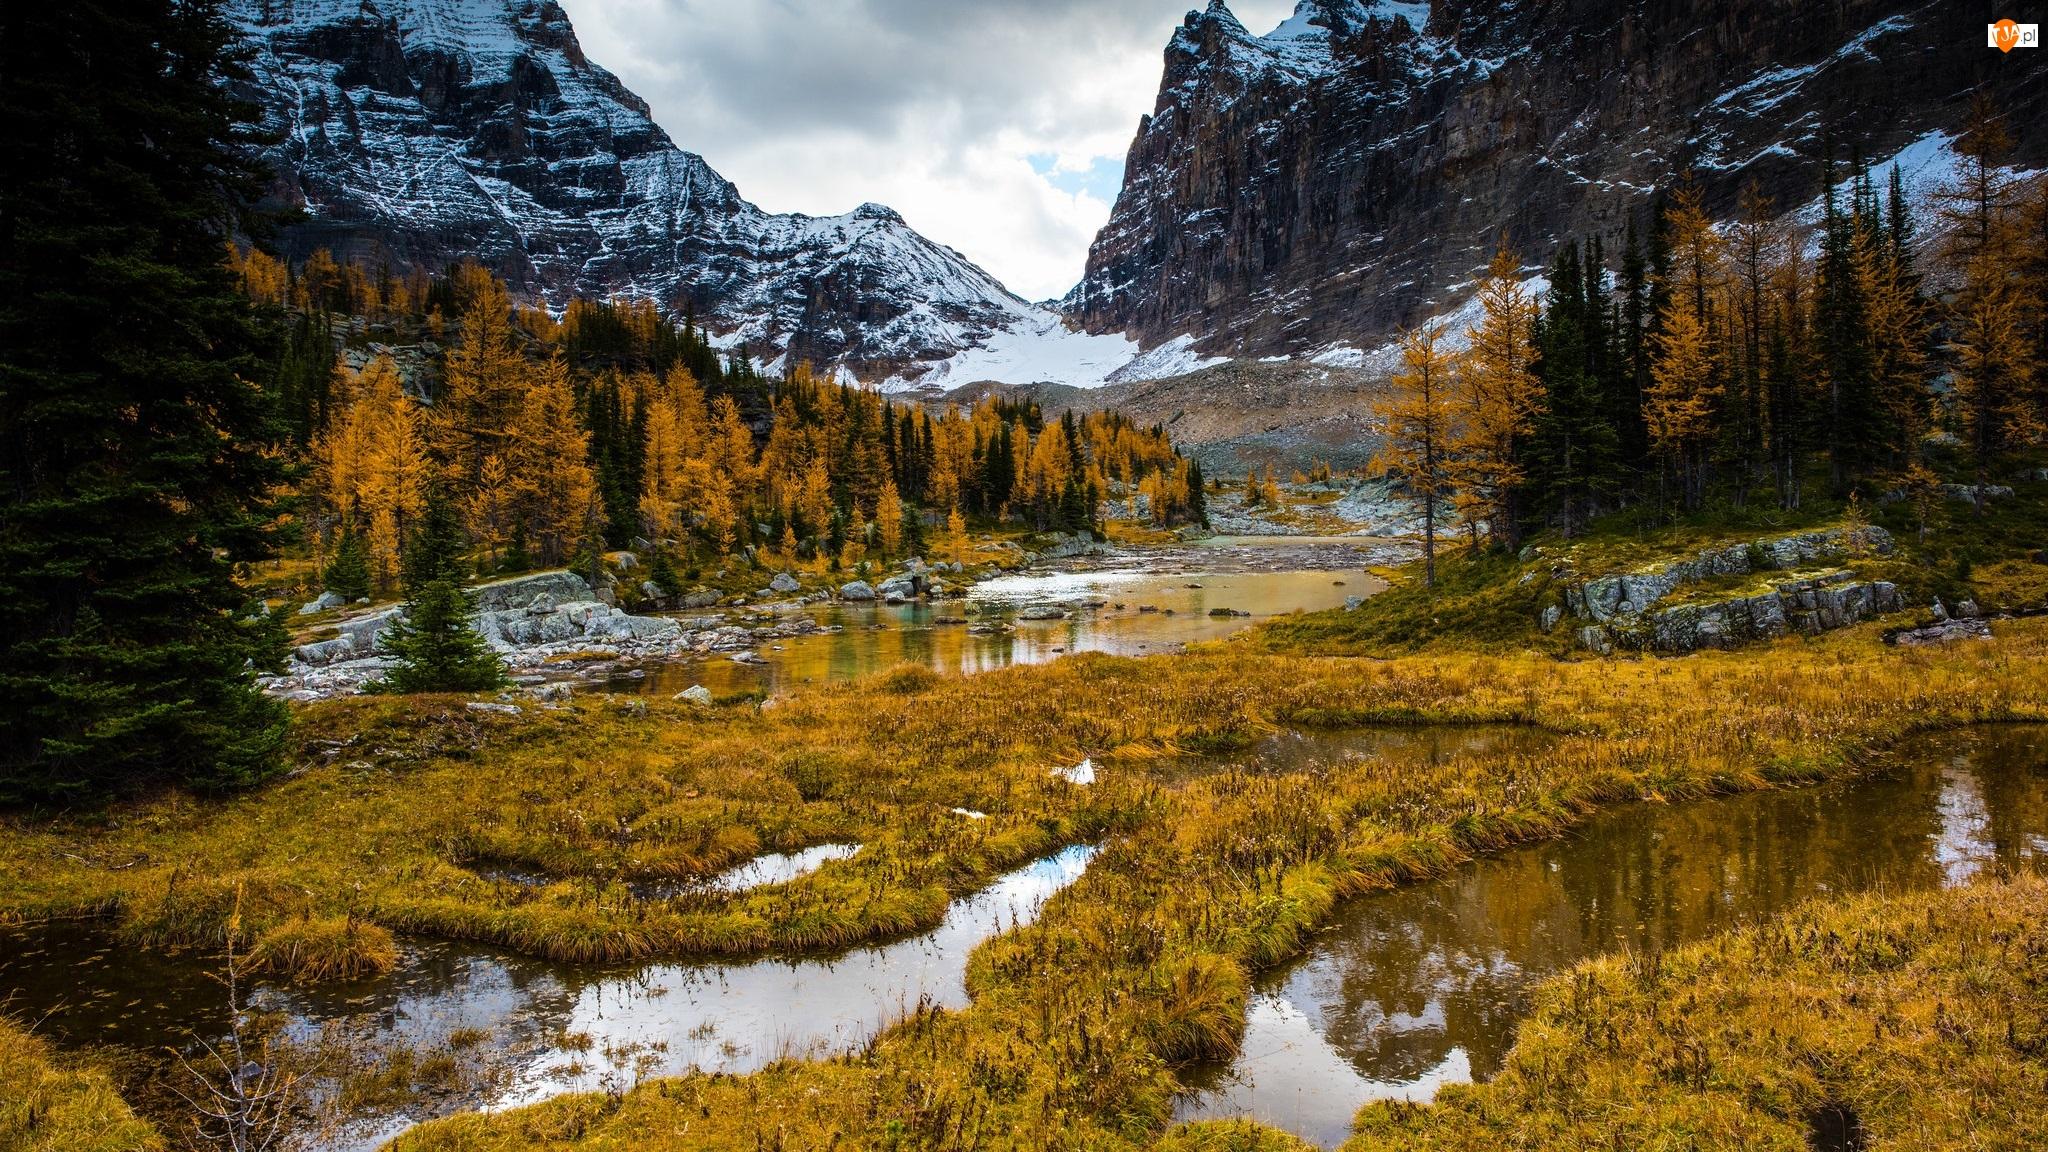 Góry, Jesień, Bagna, Drzewa, Śnieg, Trawa